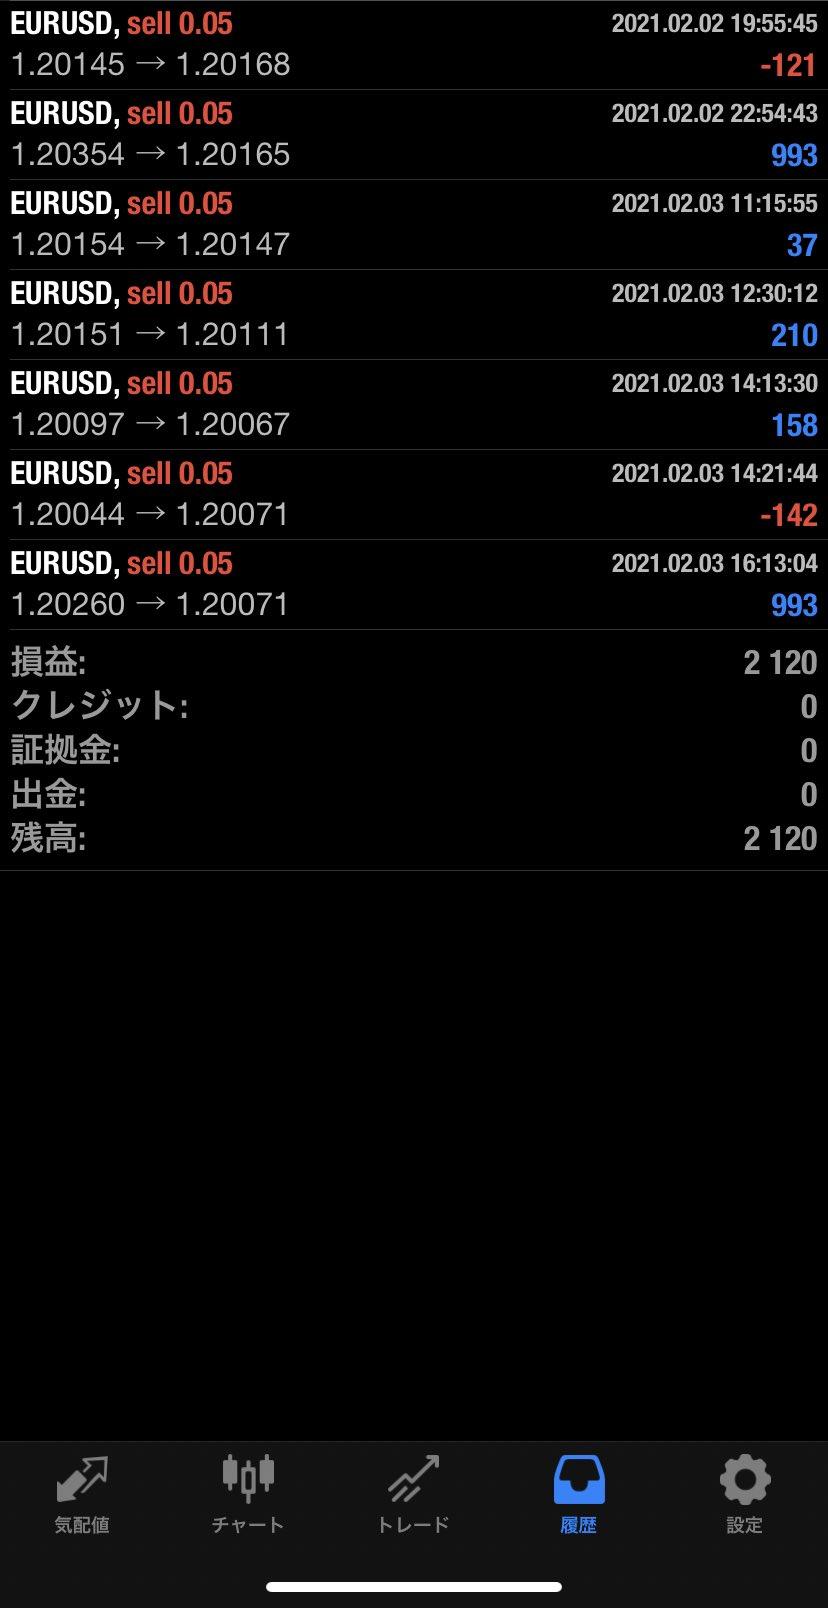 2021年2月3日 EUR/USDバージョン2,120円